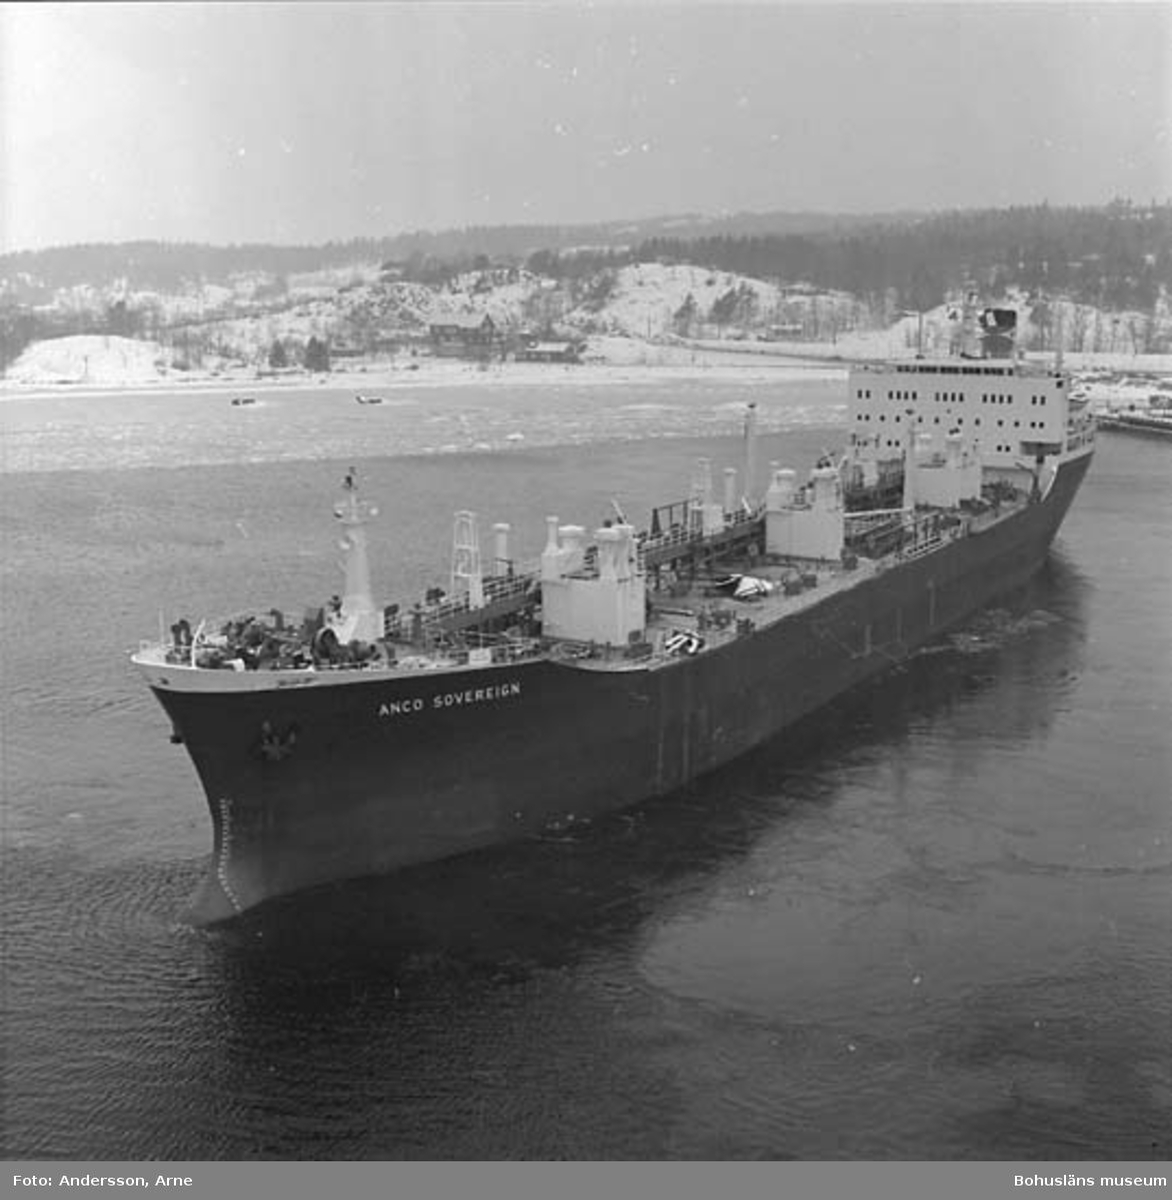 M/T Anco Soveriegn DWT. 23.840 Rederi Athel Line Ltd., London England Kölsträckning 71-05-27 Nr. 241 Leverans 72-02-14 Tankfartyg